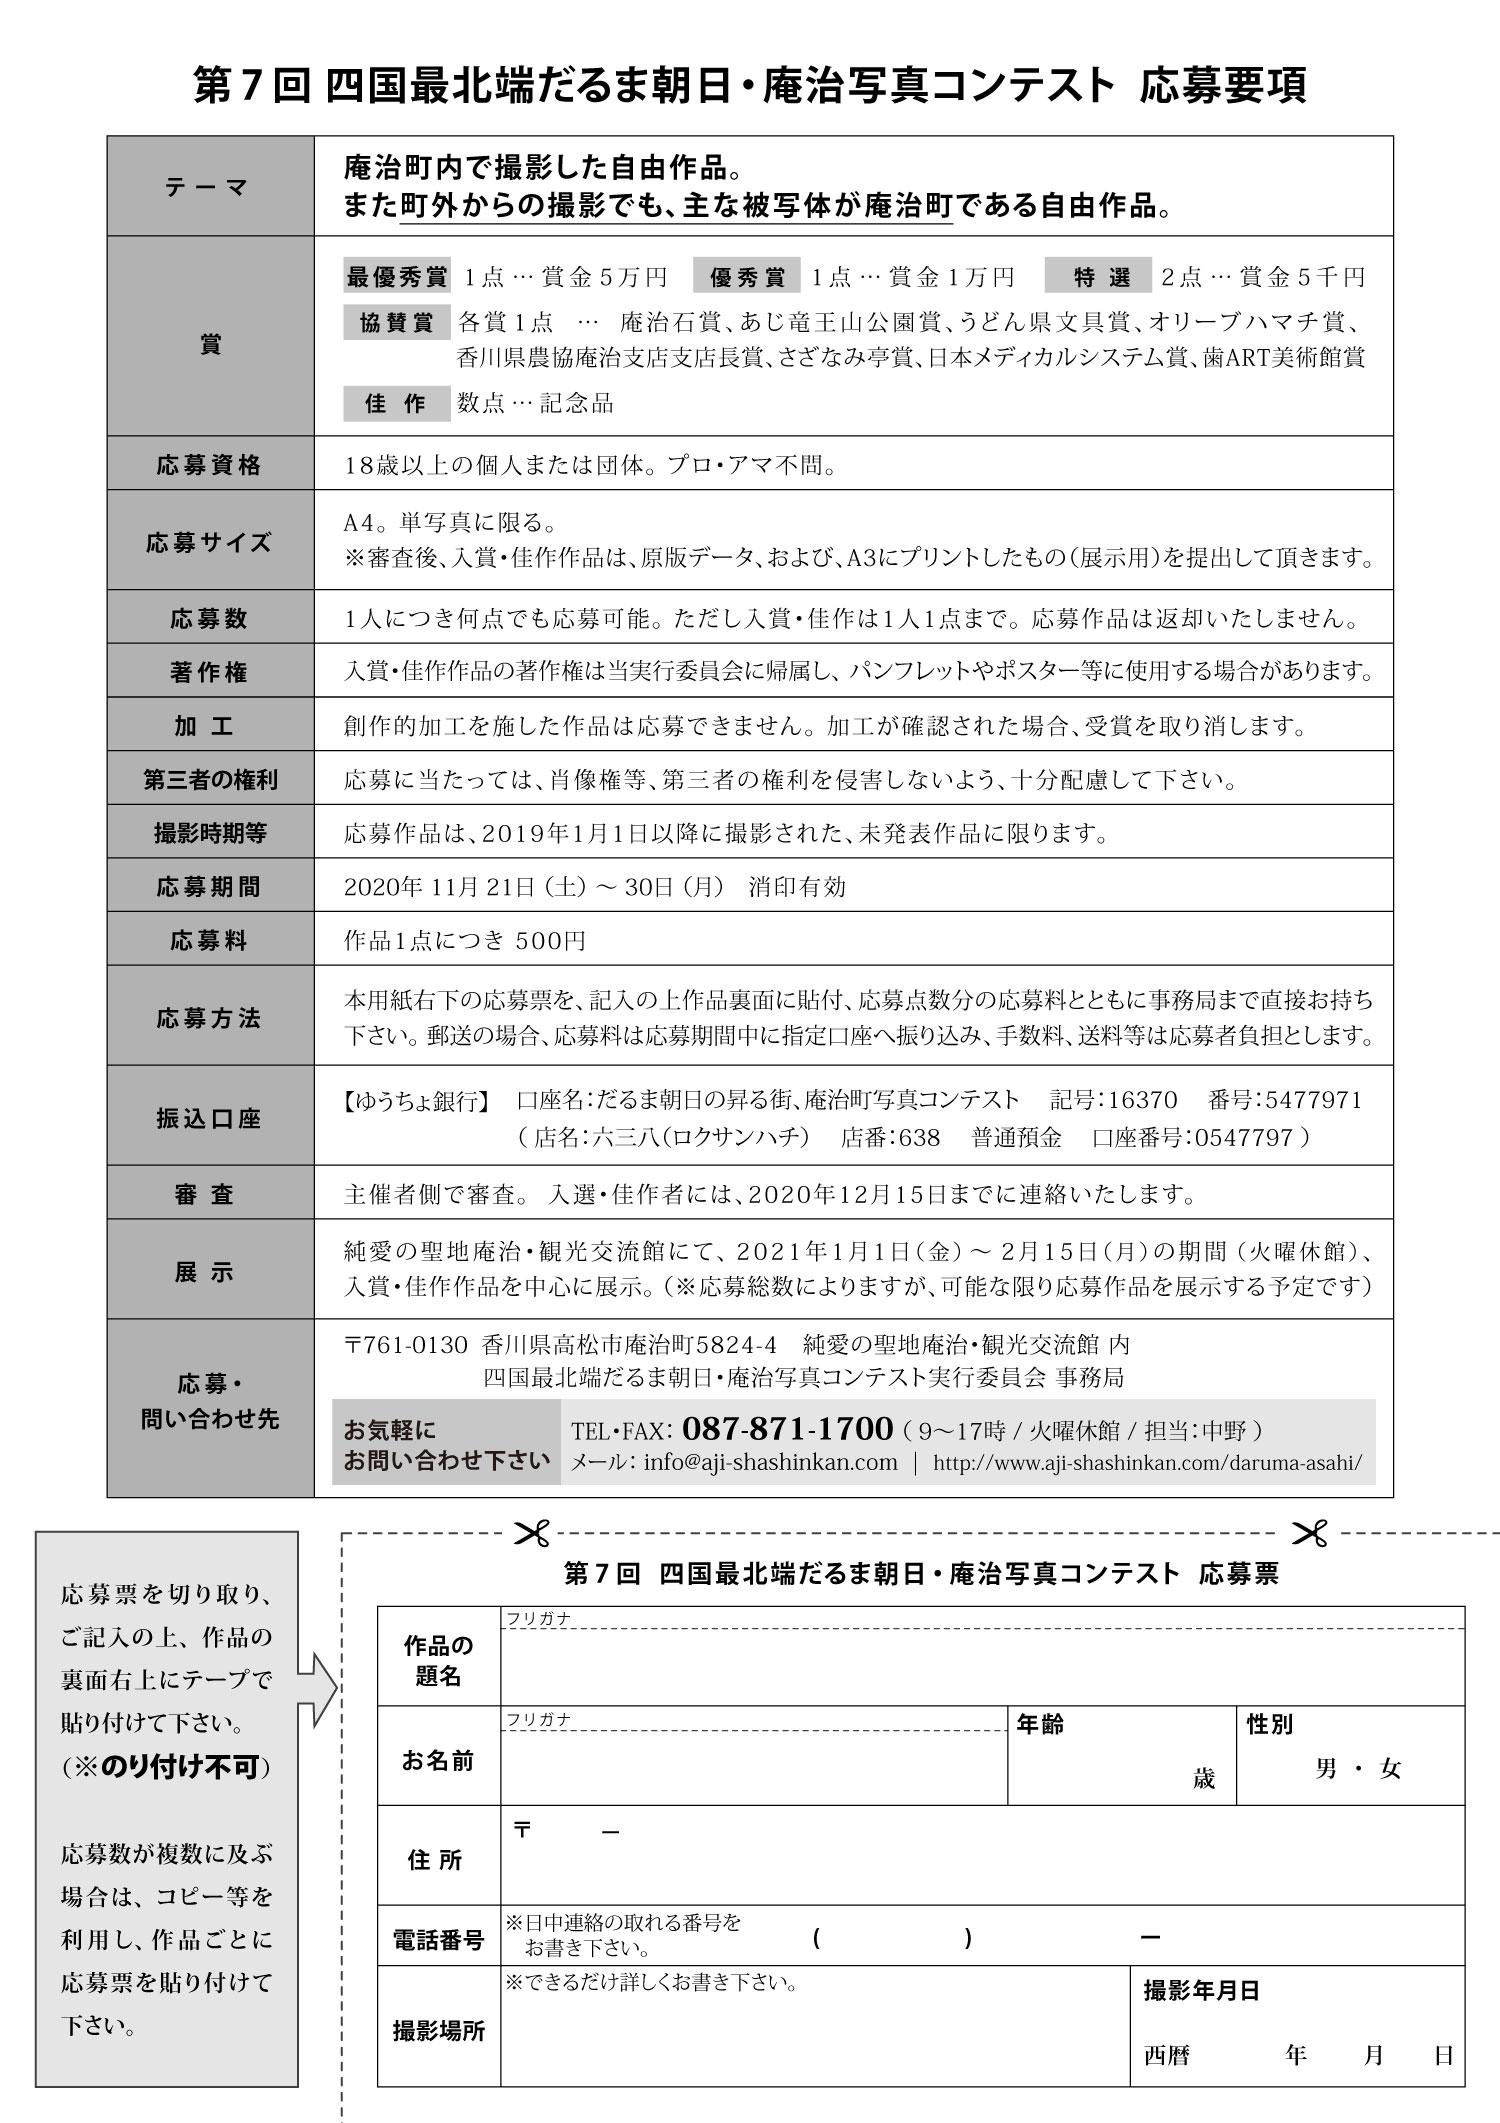 第7回(2020年度) 四国最北端だるま朝日・庵治写真コンテスト 応募要項 裏